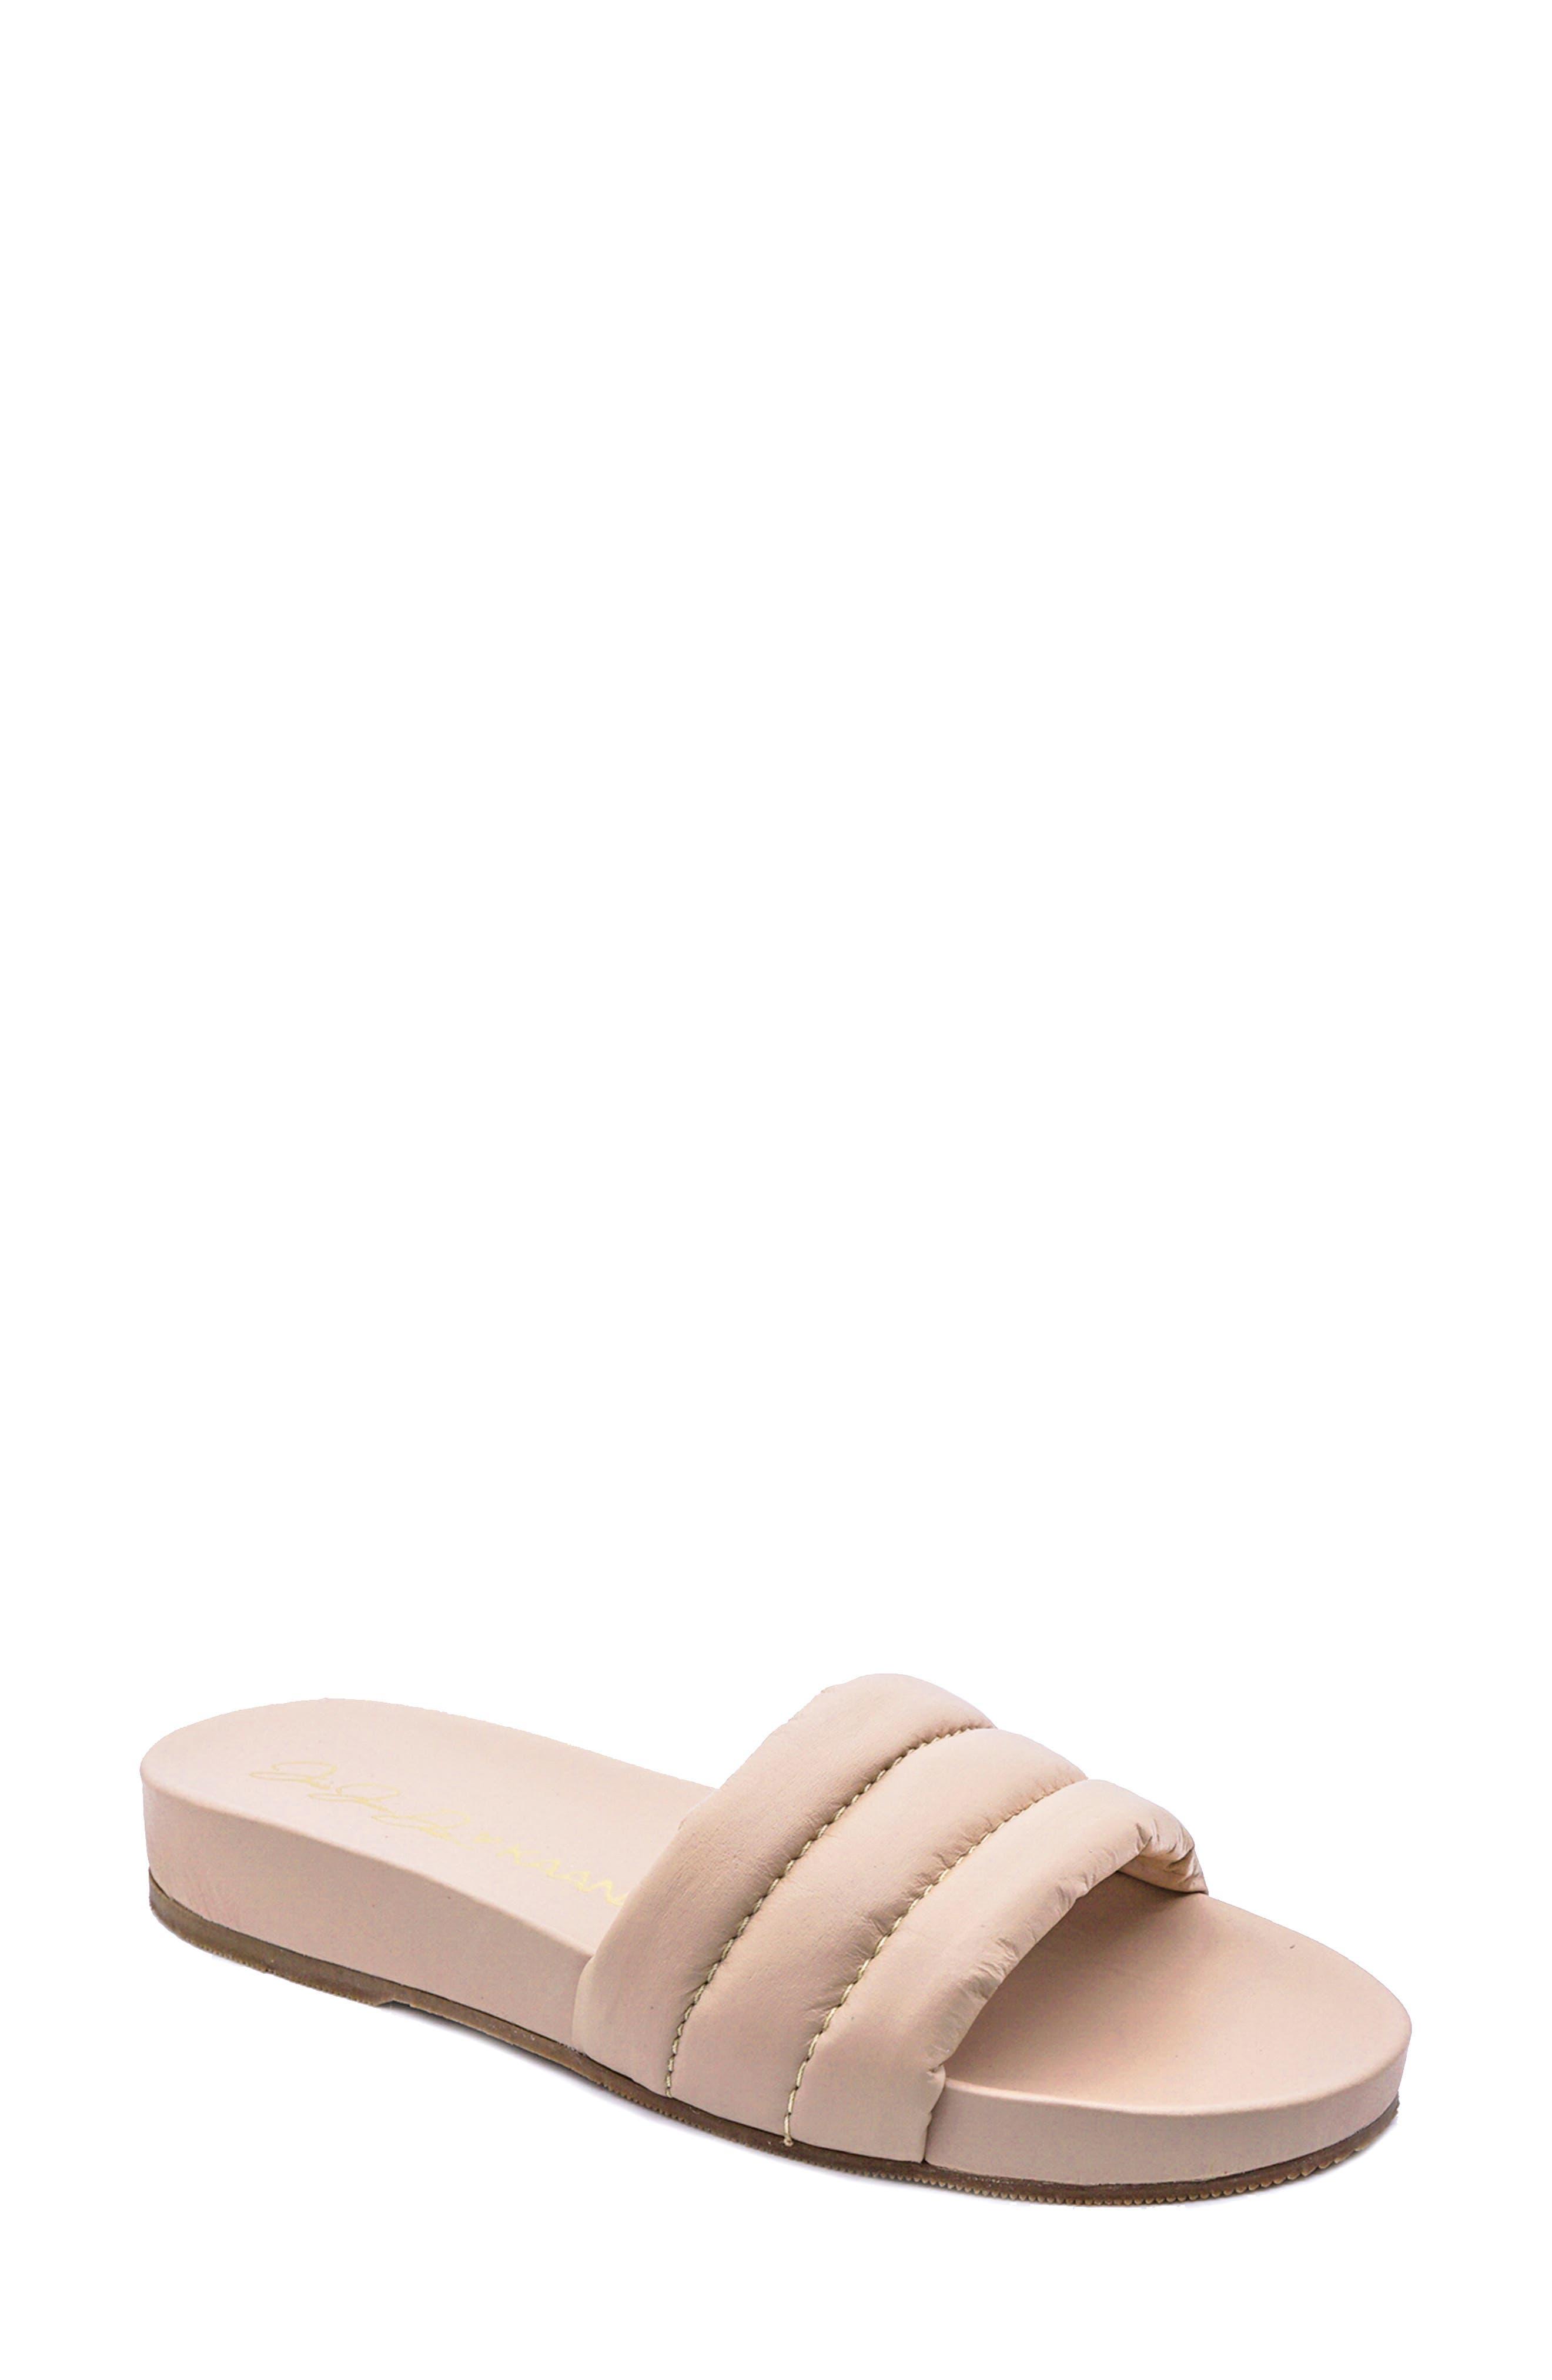 X Jessie James Decker Timor Slide Sandal